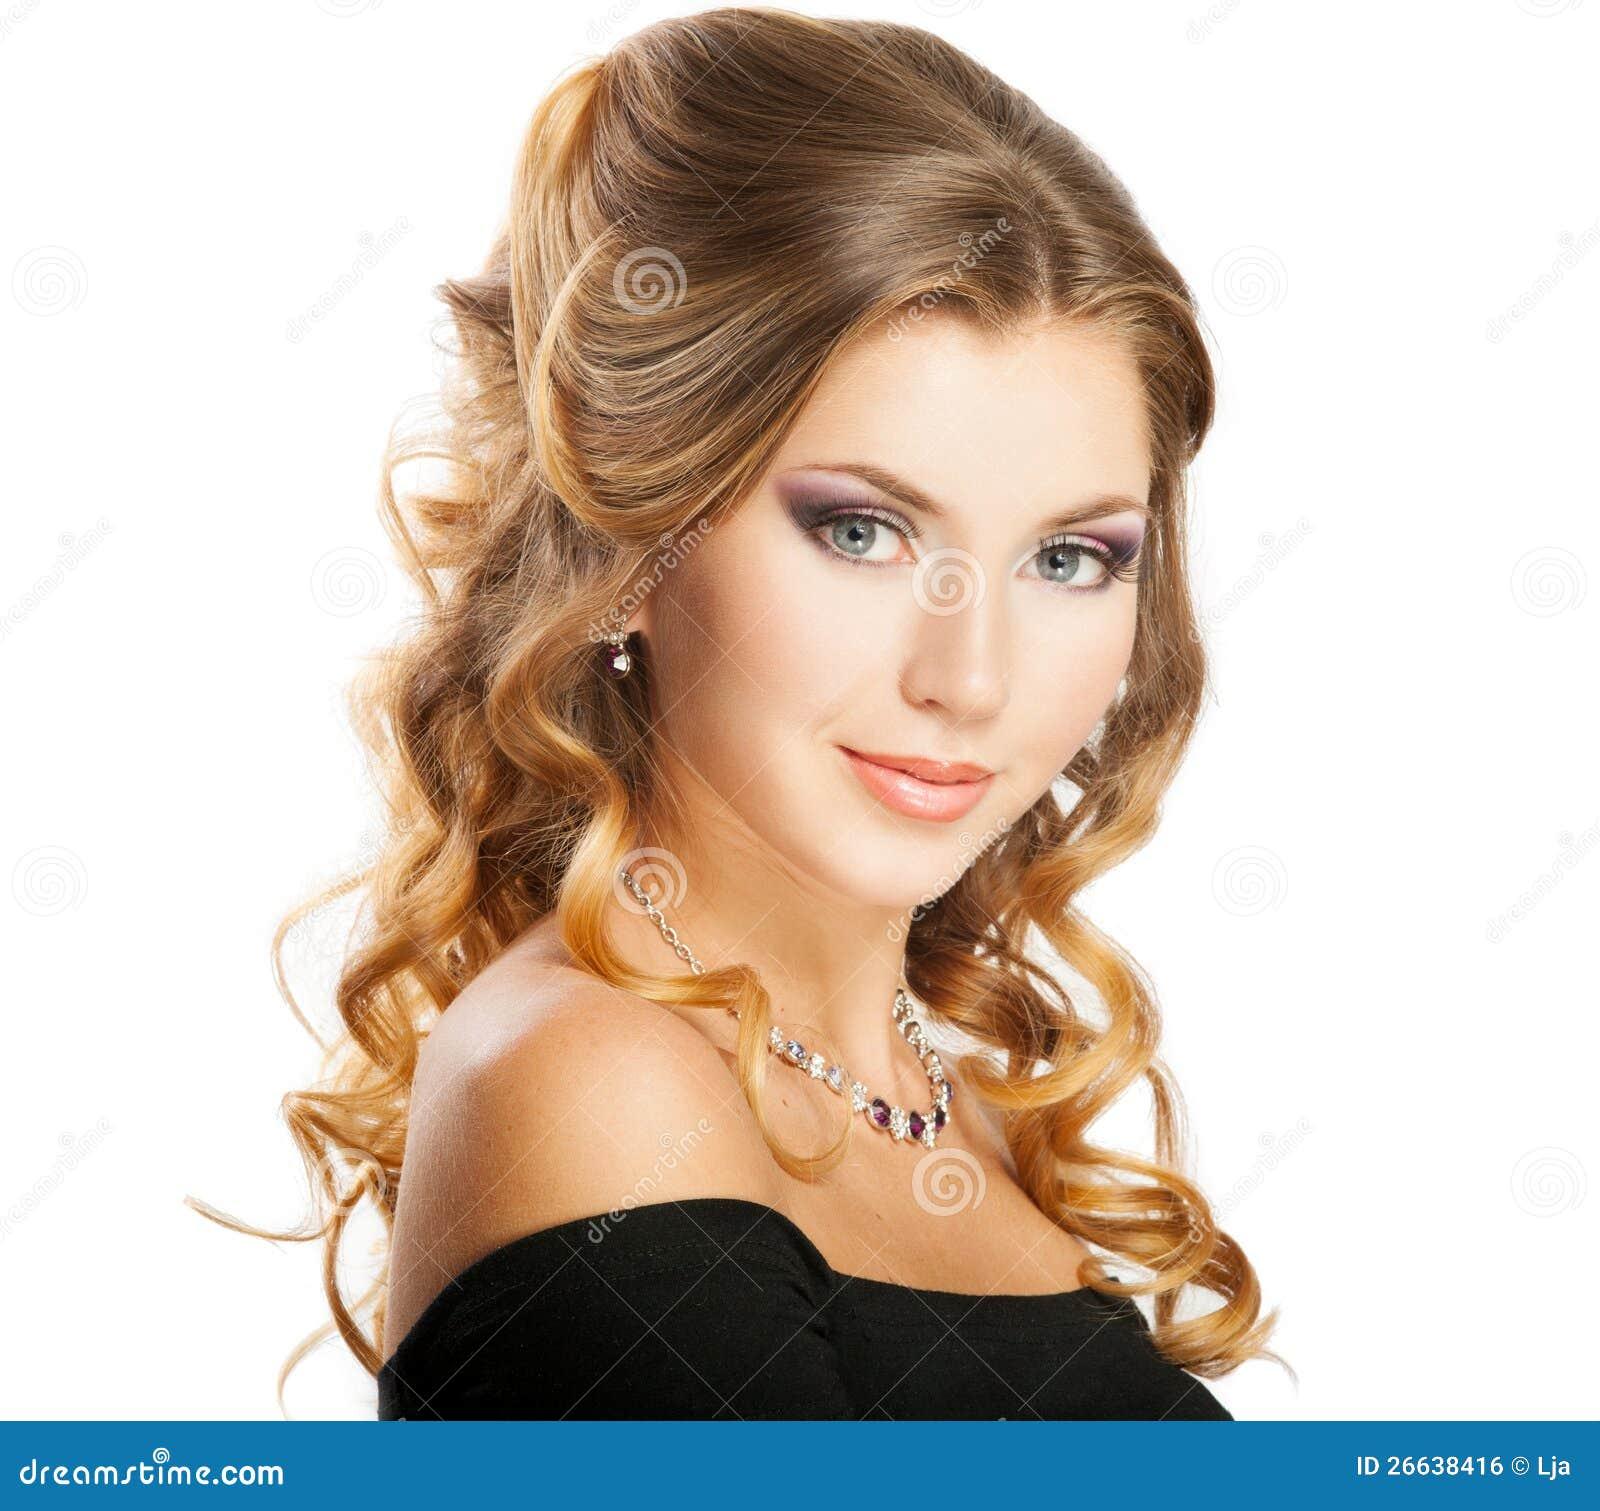 Luxury Best Bridal Celebrate Bridal Hairstyle 2013 Bridal Hairstyles